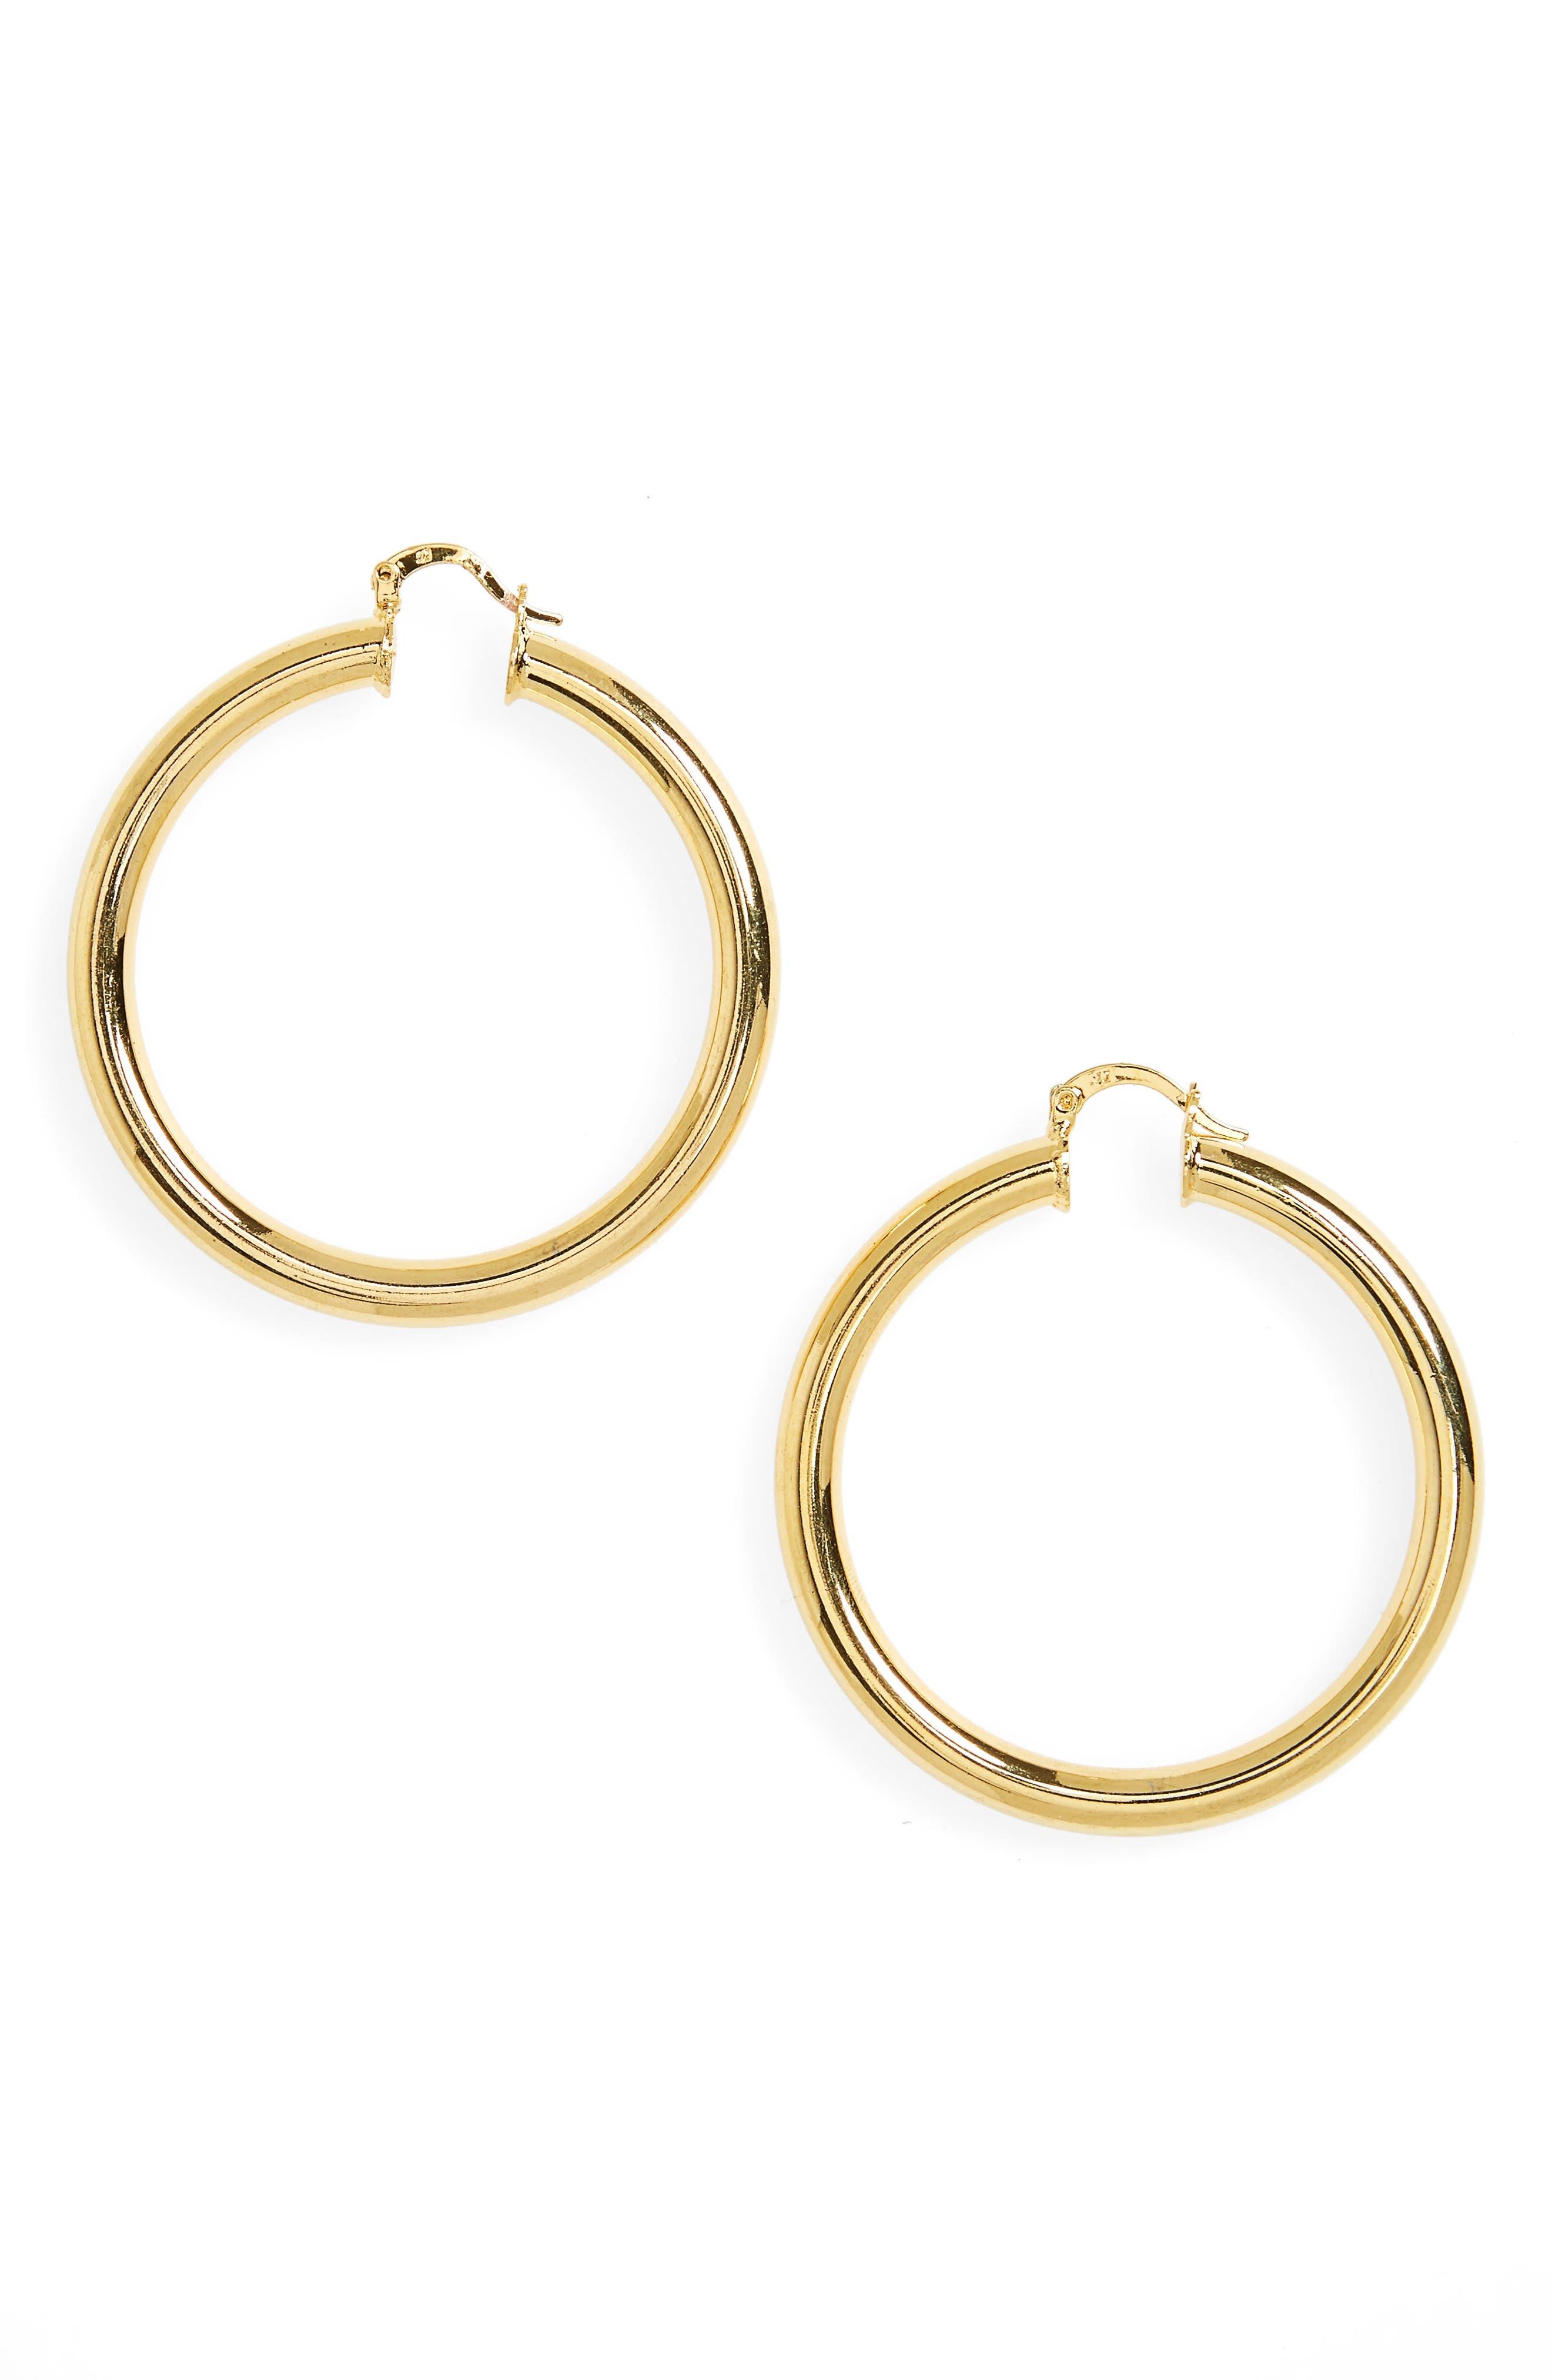 MELODY EHSANI Sade Medium Hoop Earrings, Main, color, 710